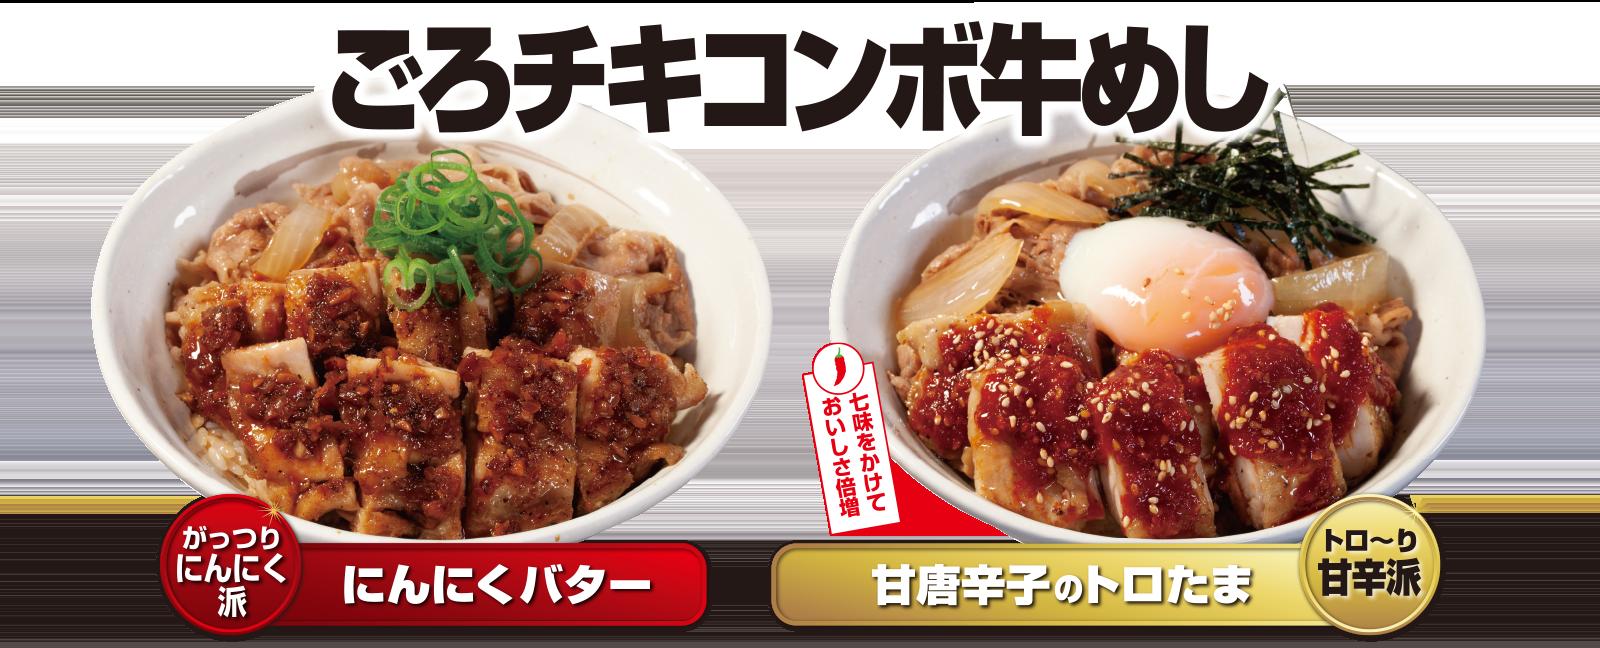 ごろチキコンボ牛めし新発売!